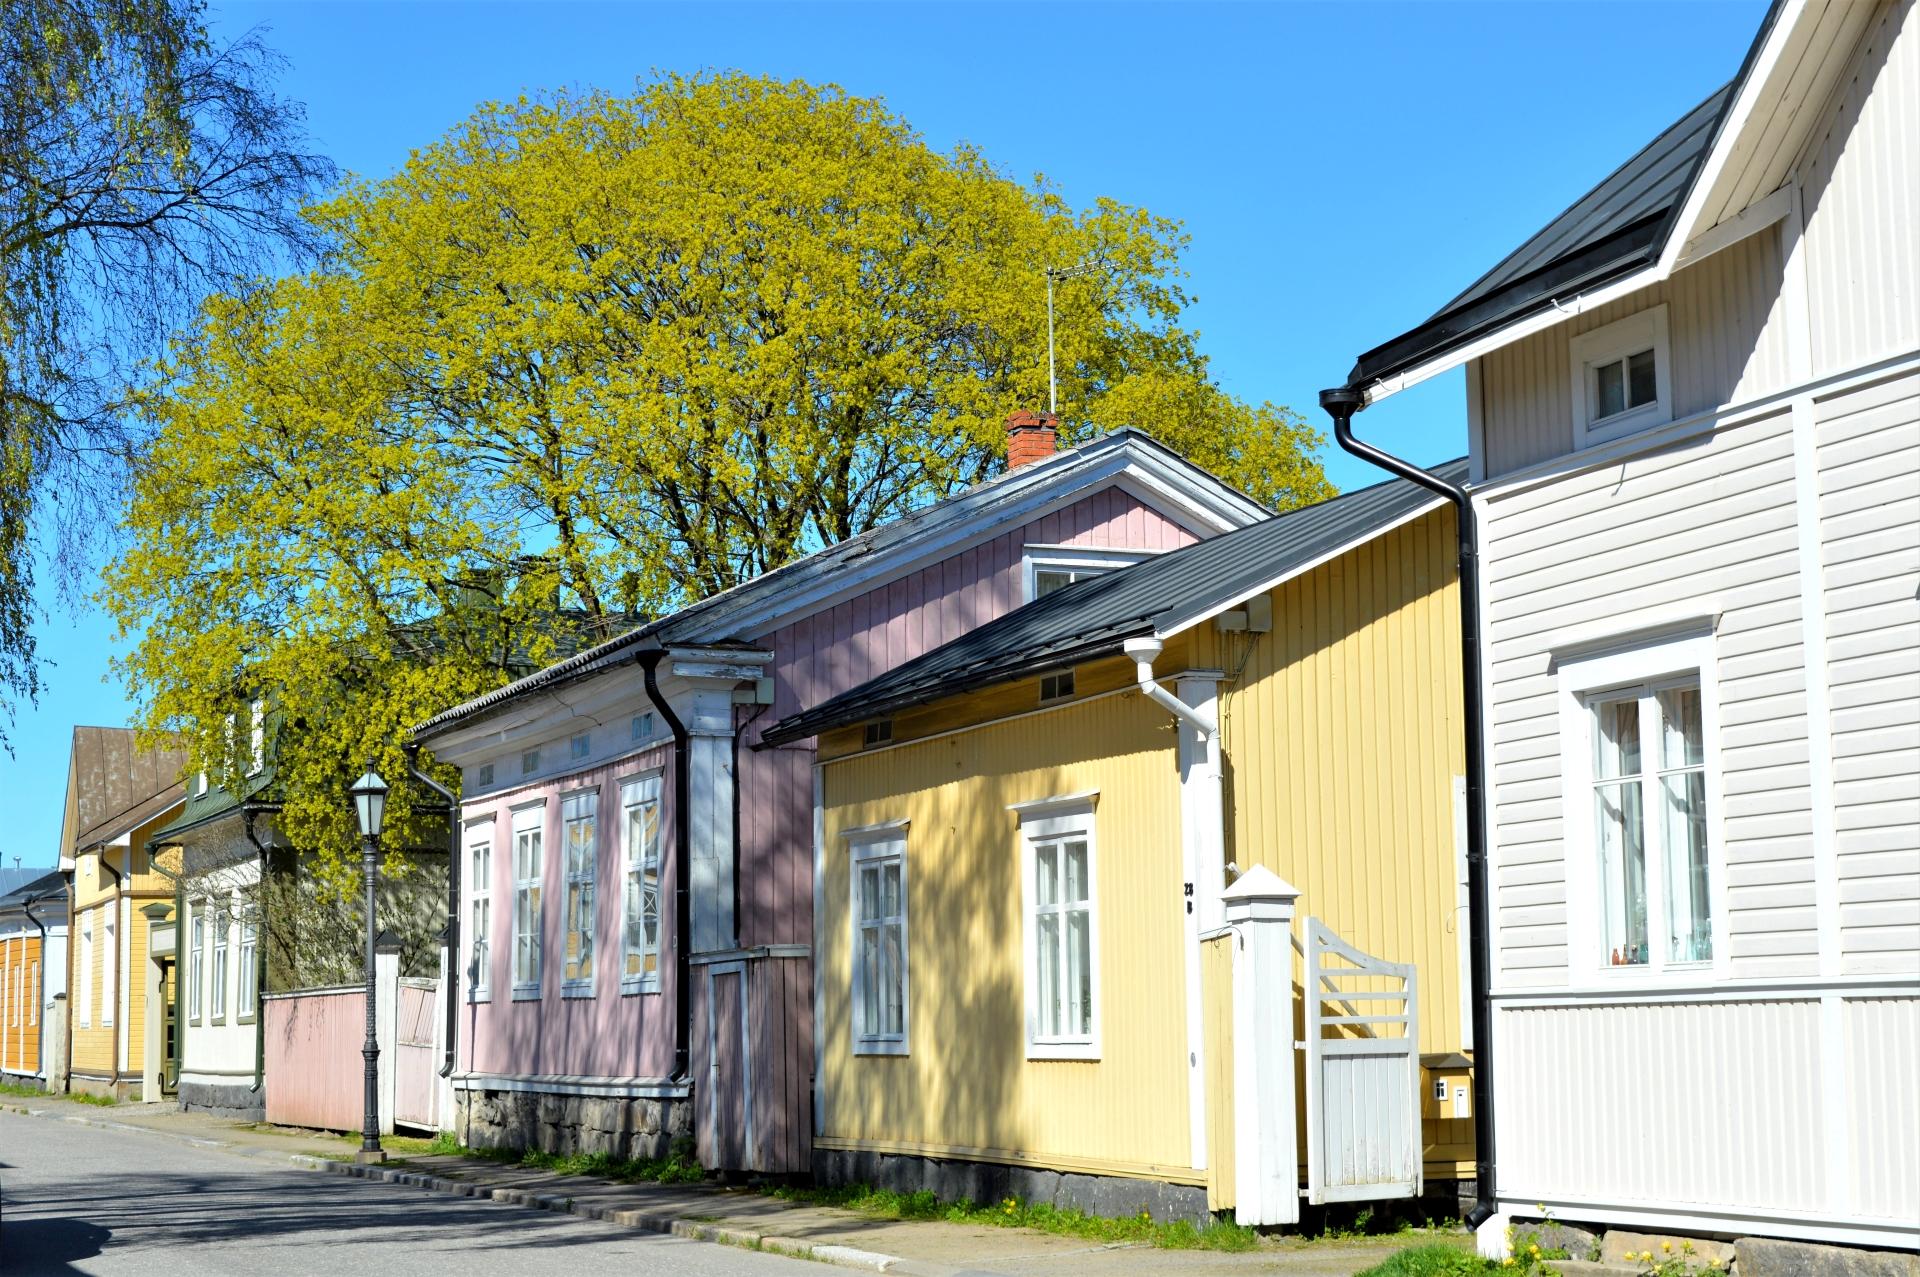 Kokkolan Vanhakaupunki Neristanin pastellinsävyiset talot seisovat kadulla vieretysten. Neristanin kesä on puhkeamassa kukkaan, puiden lehdet ovat juuri vihertyneet ja aurinko luo varjoja vanhoihin rakennuksiin.